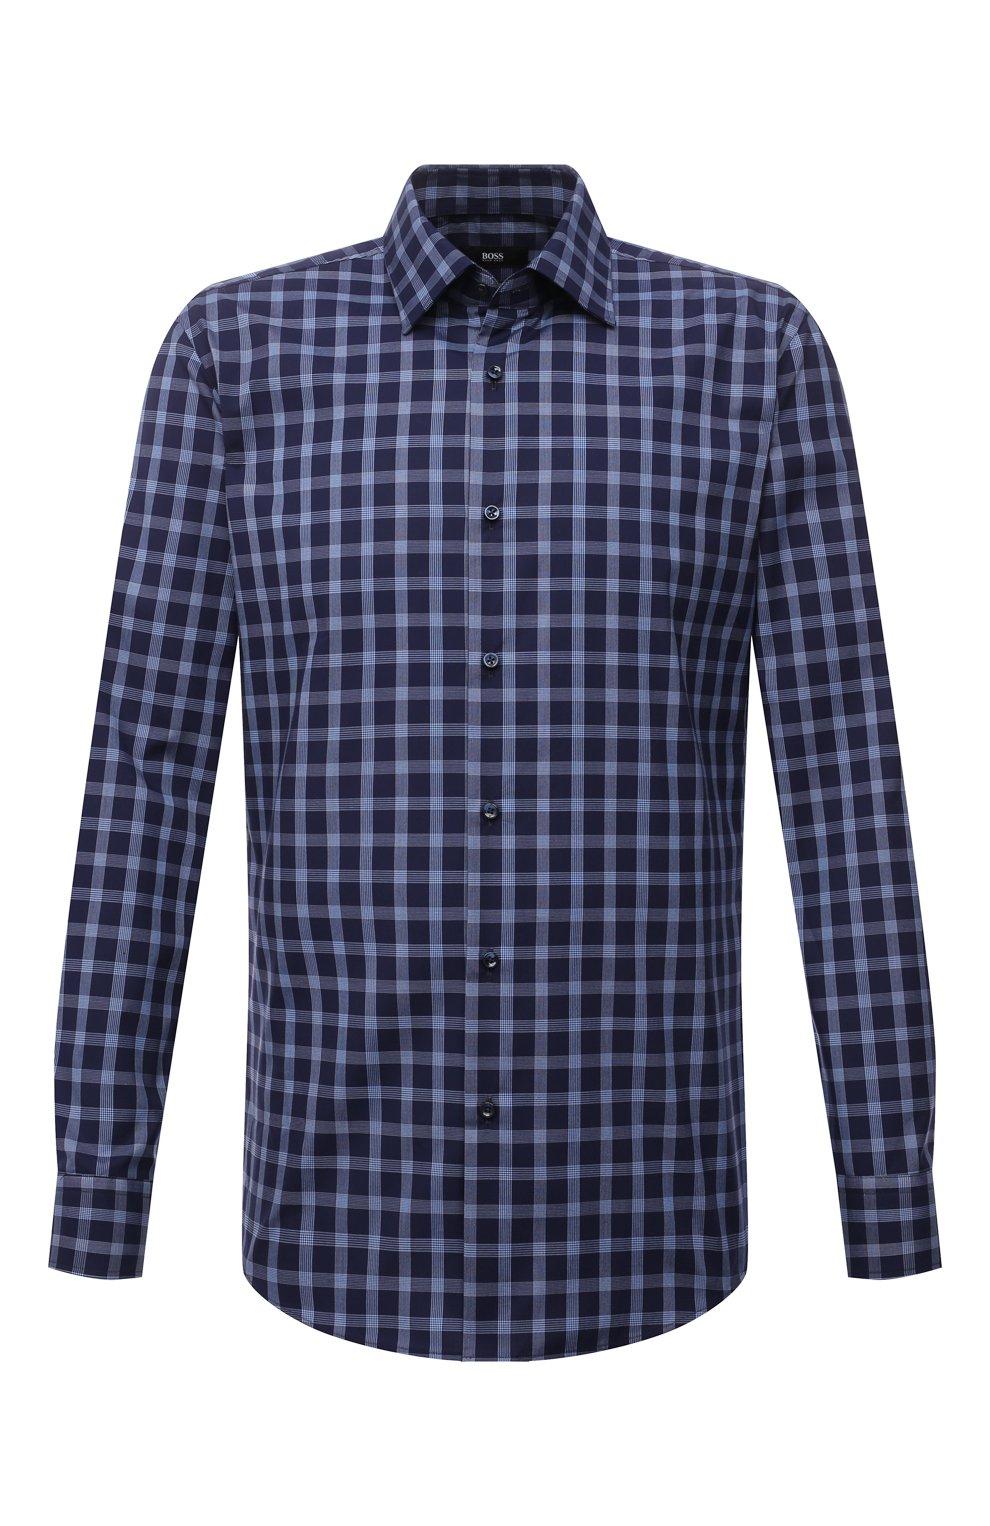 Мужская хлопковая рубашка BOSS синего цвета, арт. 50454035   Фото 1 (Манжеты: На пуговицах; Принт: Клетка; Воротник: Кент; Рукава: Длинные; Случай: Повседневный; Длина (для топов): Стандартные; Рубашки М: Slim Fit; Материал внешний: Хлопок; Стили: Кэжуэл)